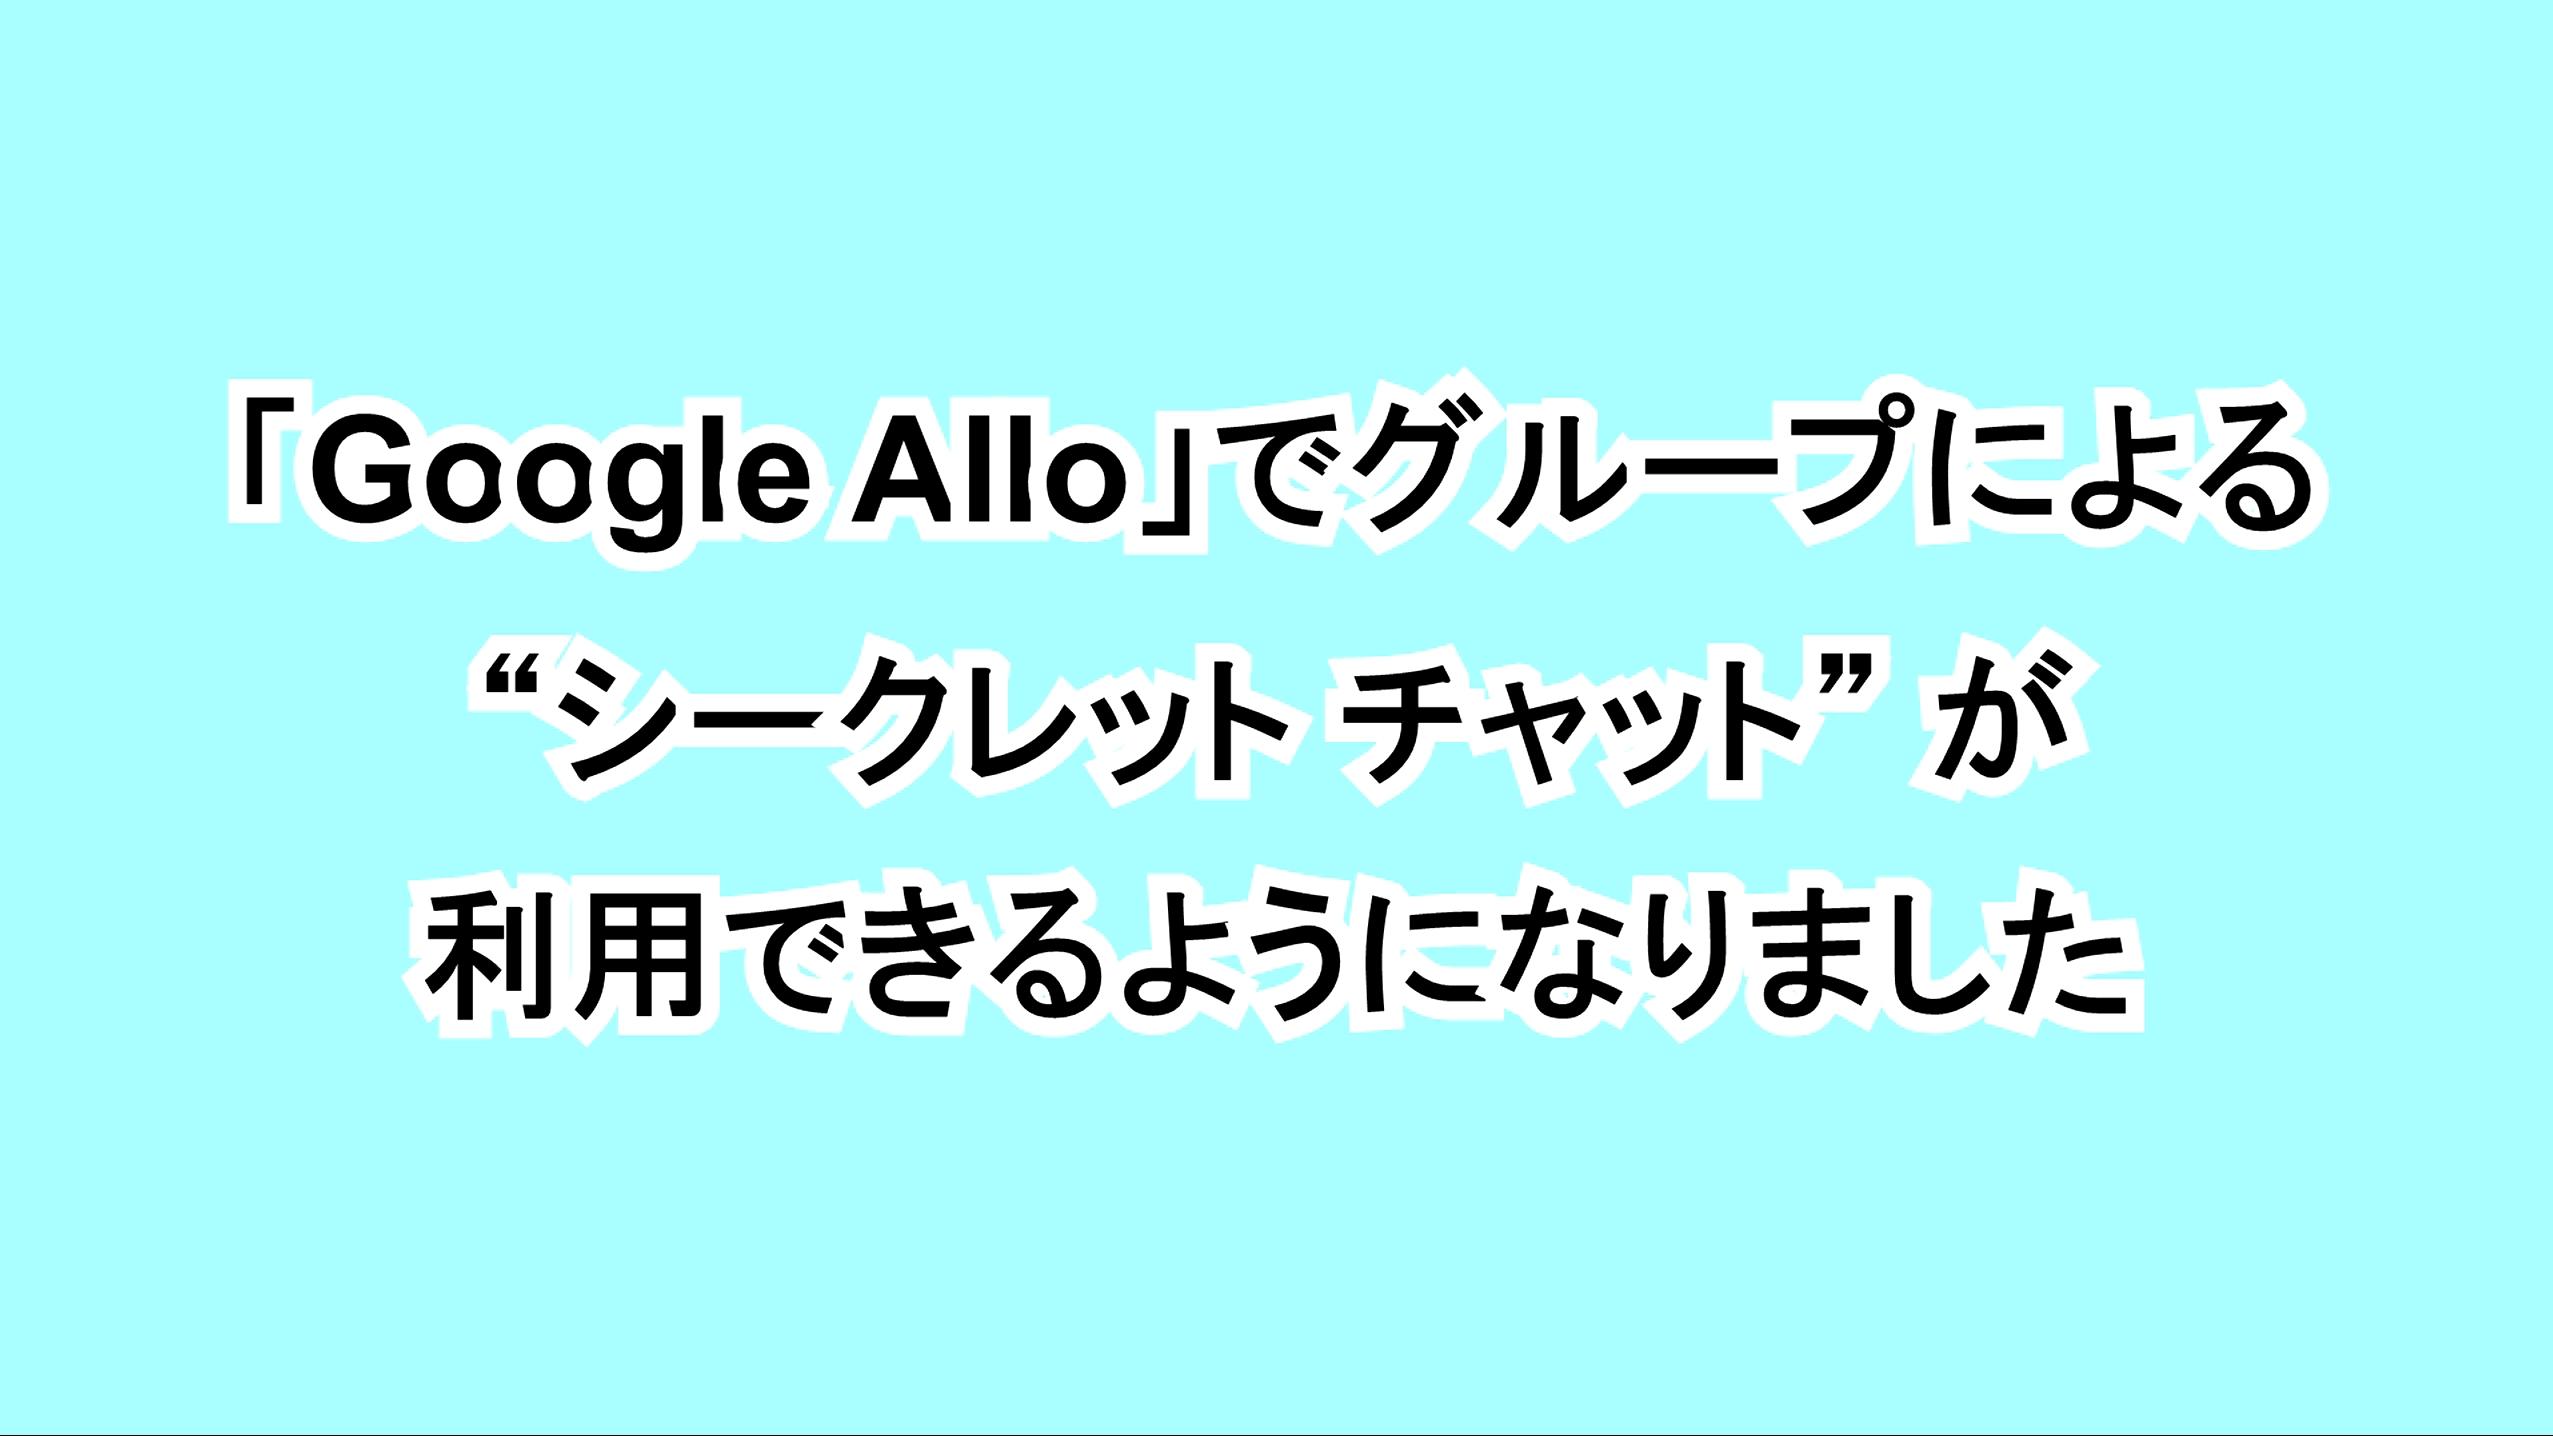 """「Google Allo」でグループによる""""シークレット チャット""""が利用できるようになりました"""